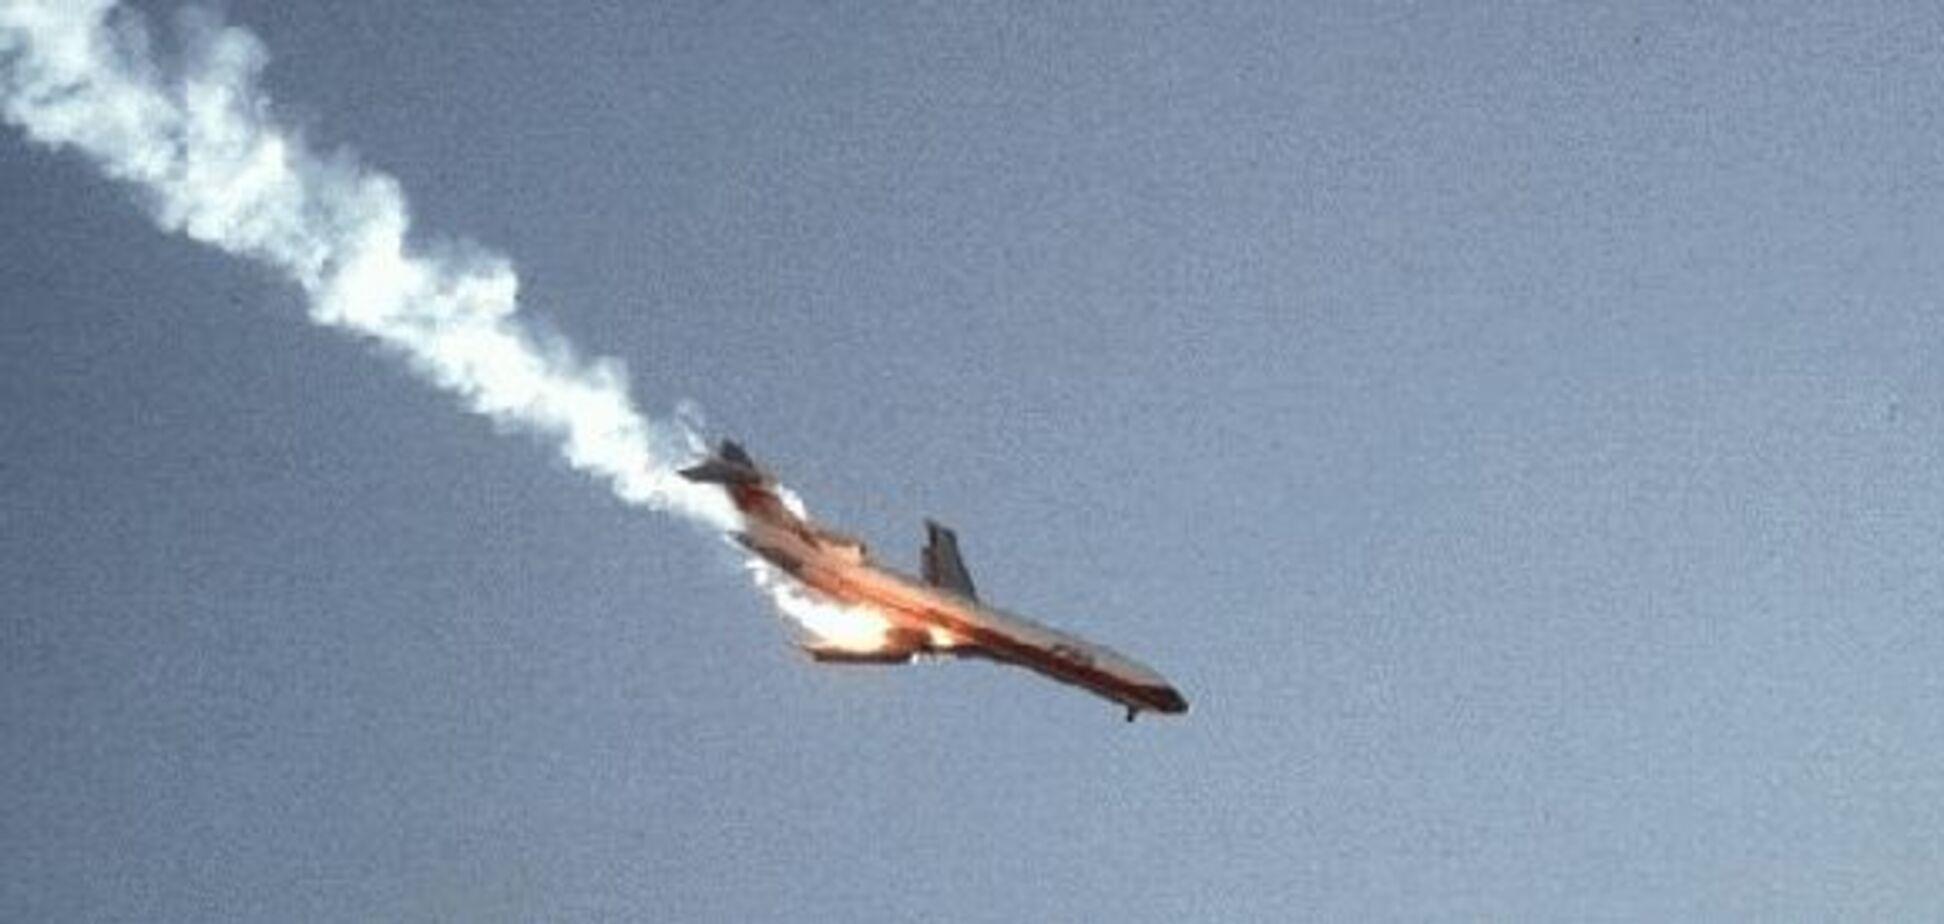 В Чили разбился самолет с десятками людей на борту